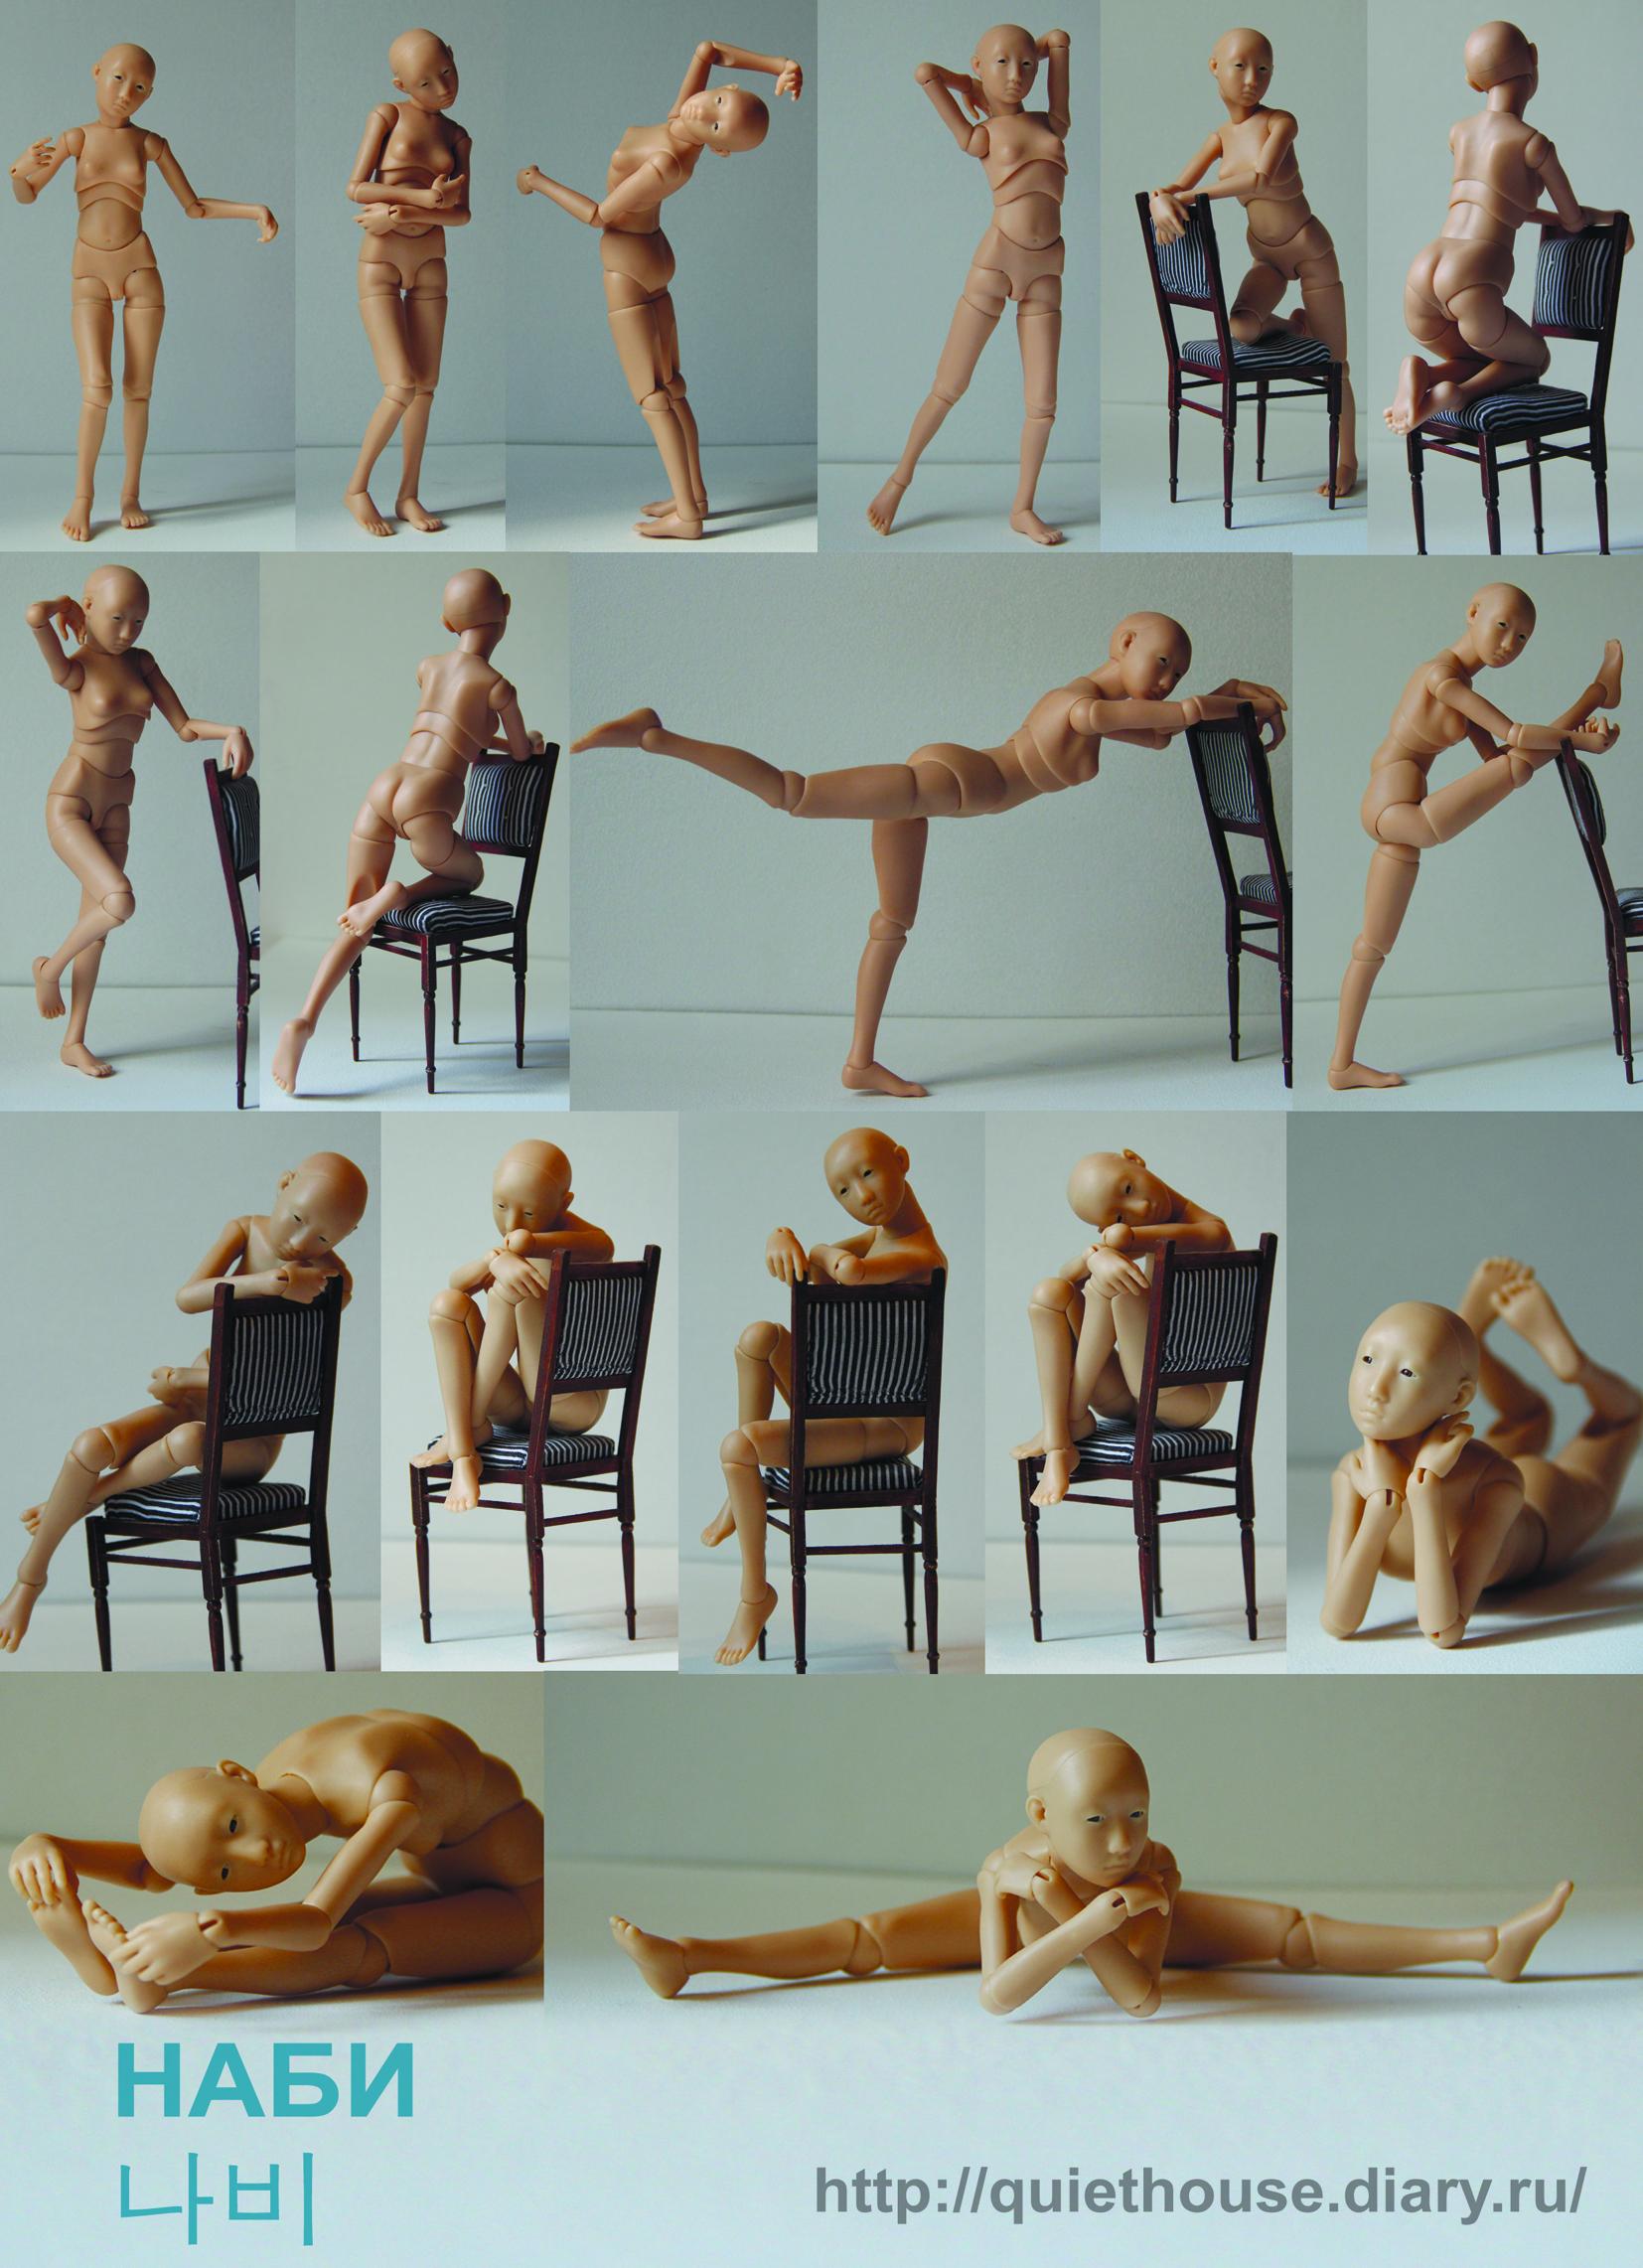 Фото красивых девушек голышок полностью с большой грудью и раздвинутыми ногами 8 фотография